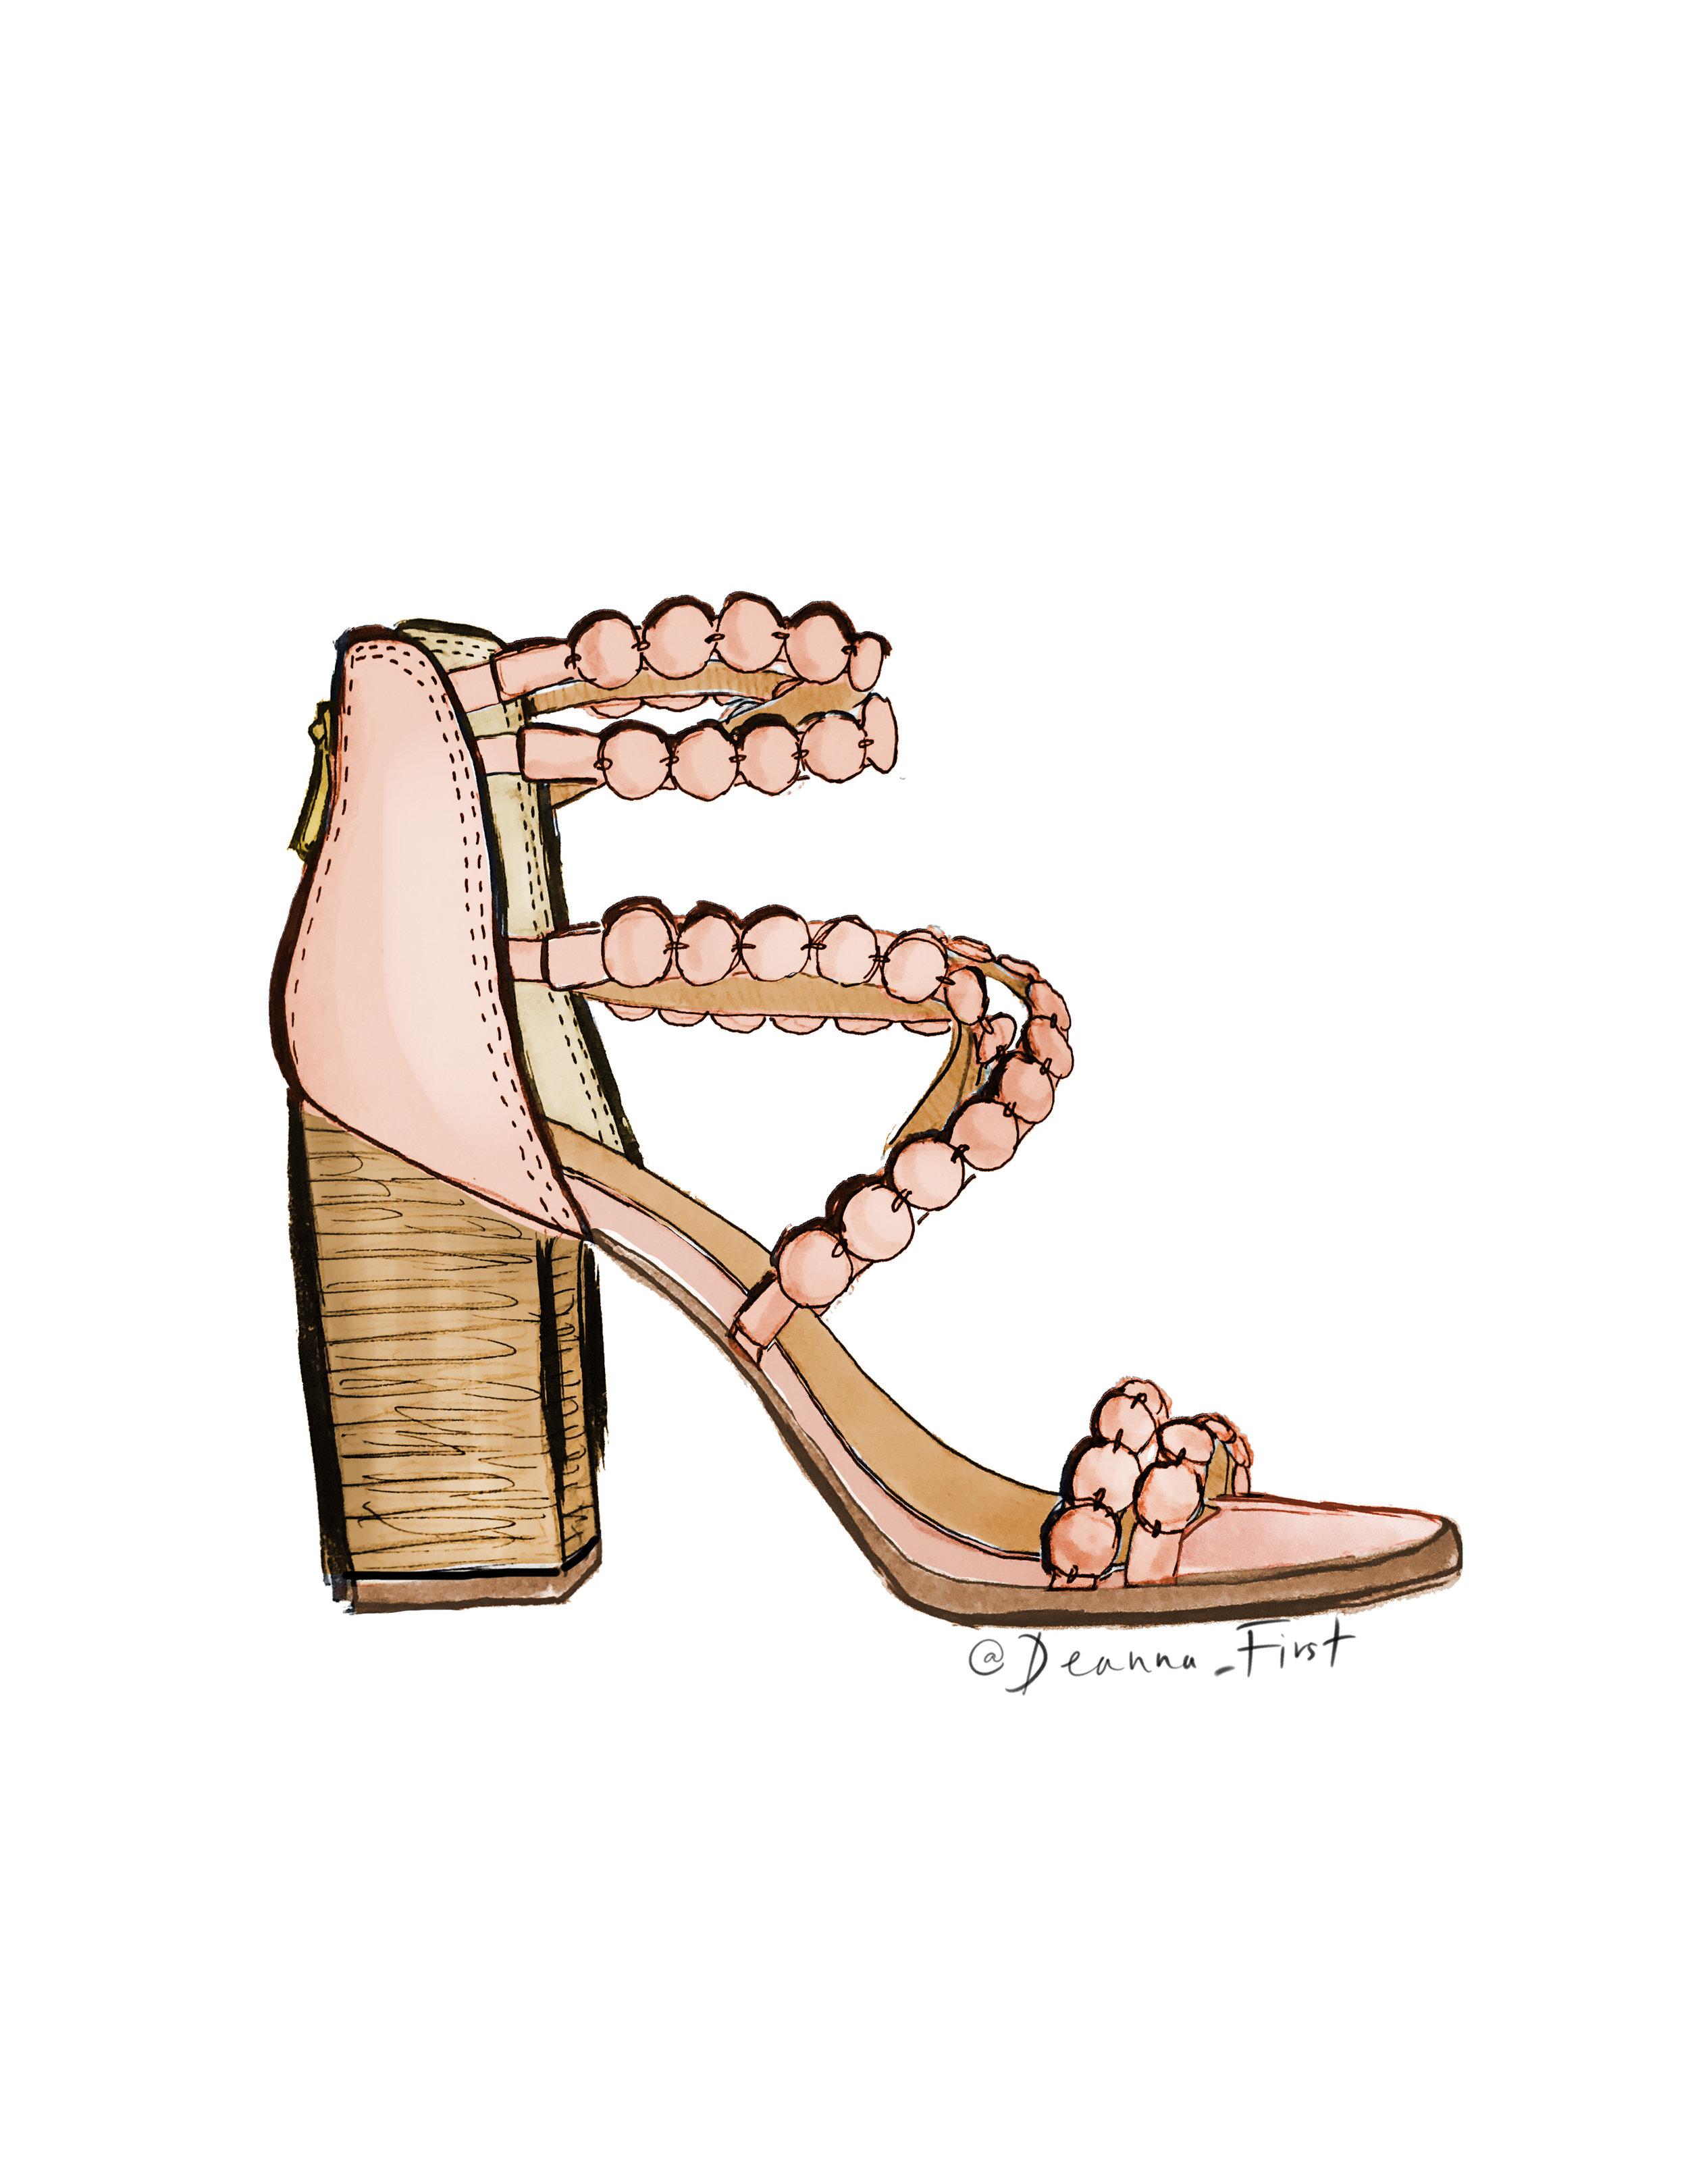 dsw circle shoe 3-deannafirst.jpg